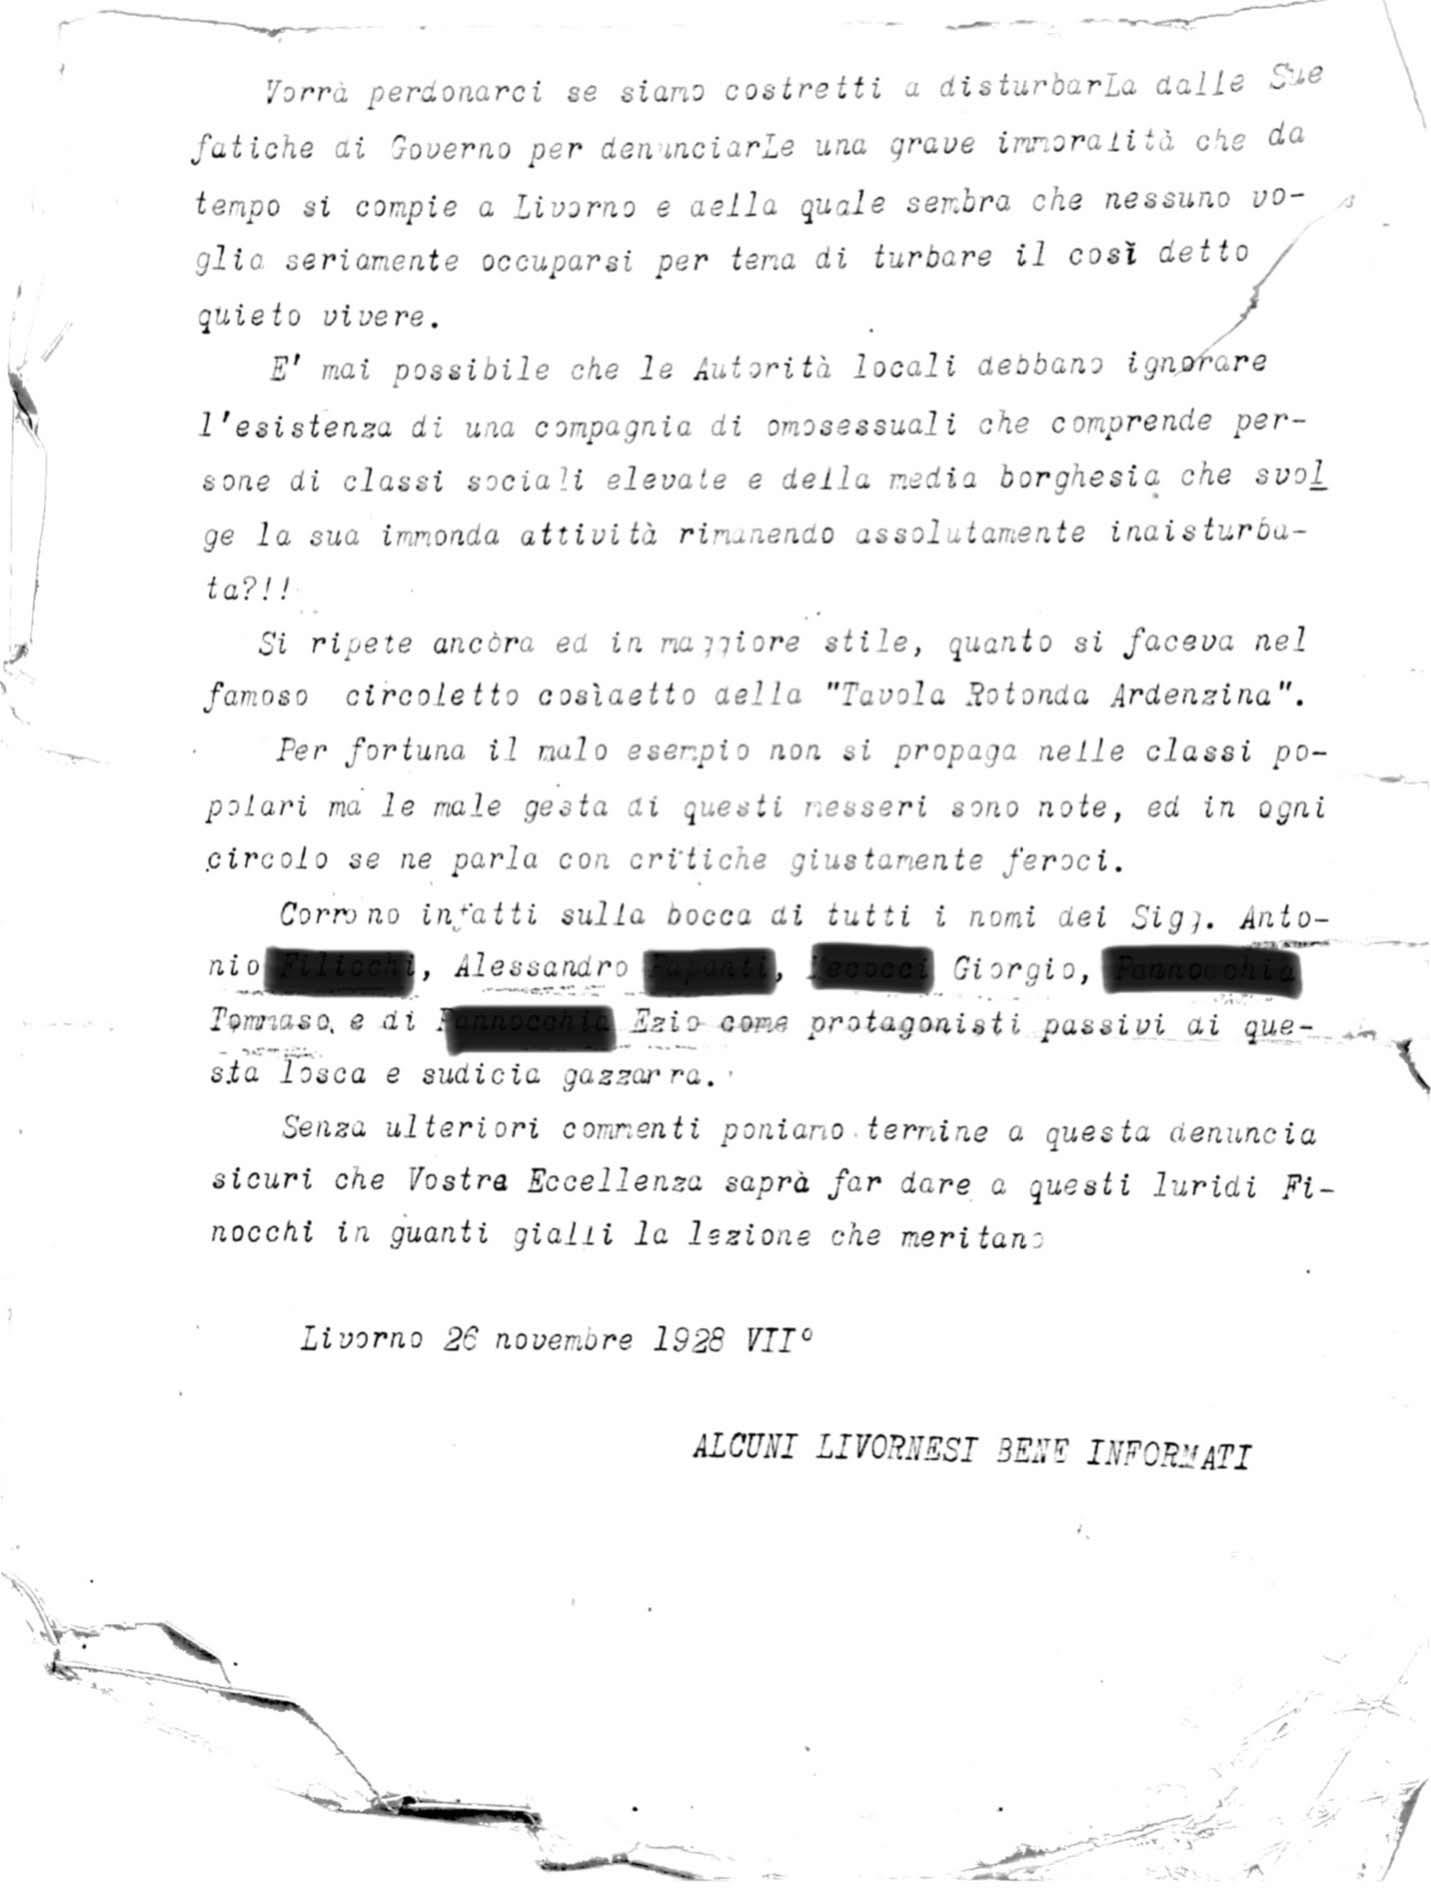 Archivio di Stato di Livorno (ASLi), Questura, A1 «Informazioni Personali», b. 59, fasc. 34 «Antonio F. ed altri», Denuncia anonima (26 novembre 1928)